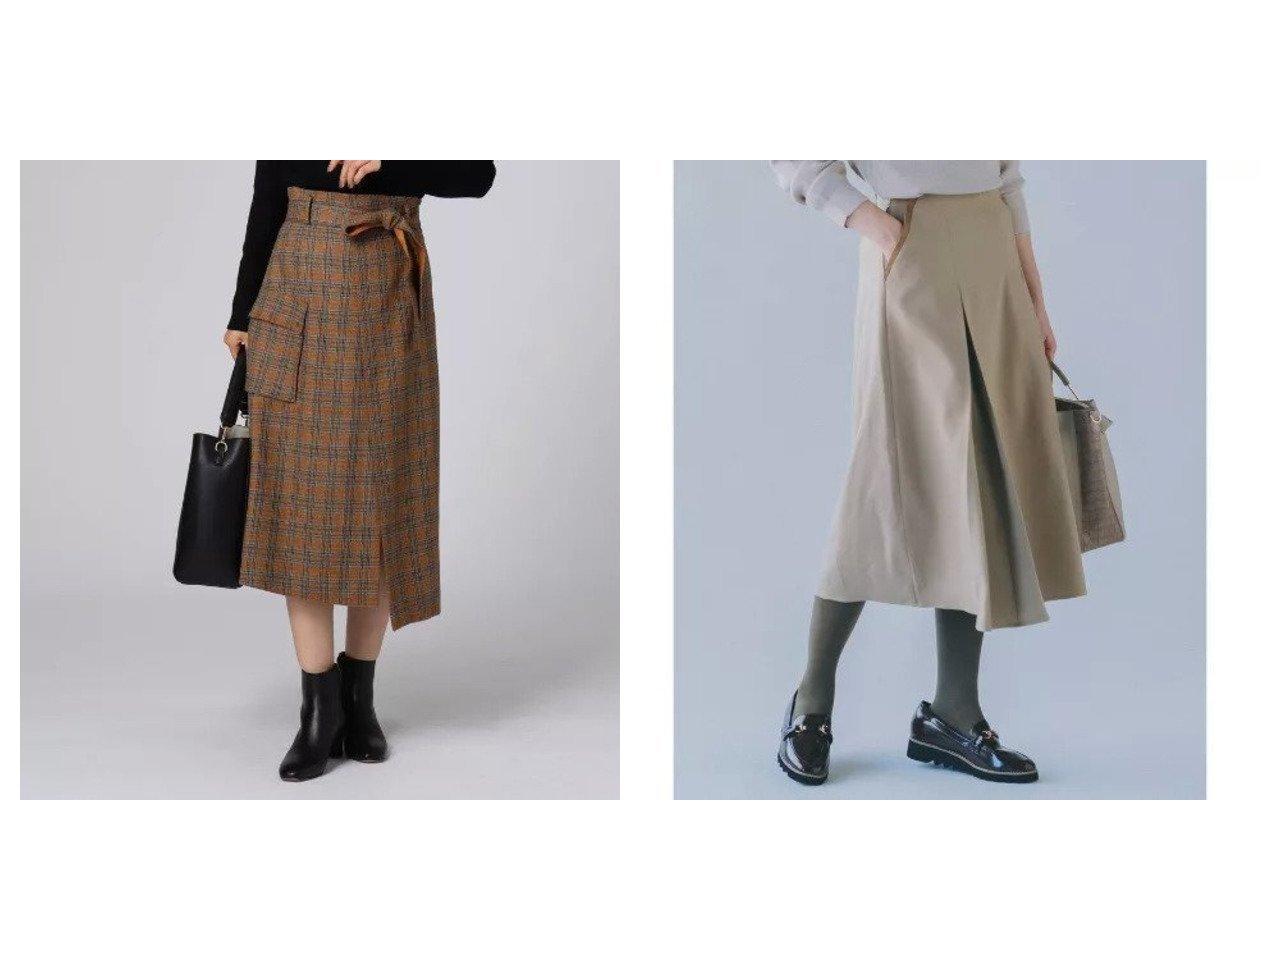 【UNTITLED/アンタイトル】のパオレッティ アシンメトリーチェックスカート&【THE SHOP TK/ザ ショップ ティーケー】の配色パイピングスカート スカートのおすすめ!人気、レディースファッションの通販 おすすめで人気のファッション通販商品 インテリア・家具・キッズファッション・メンズファッション・レディースファッション・服の通販 founy(ファニー) https://founy.com/ ファッション Fashion レディース WOMEN スカート Skirt イタリア カッティング スペシャル チェック ドット パッチ ポケット ミックス メタル メランジ パイピング ブルゾン  ID:crp329100000003176